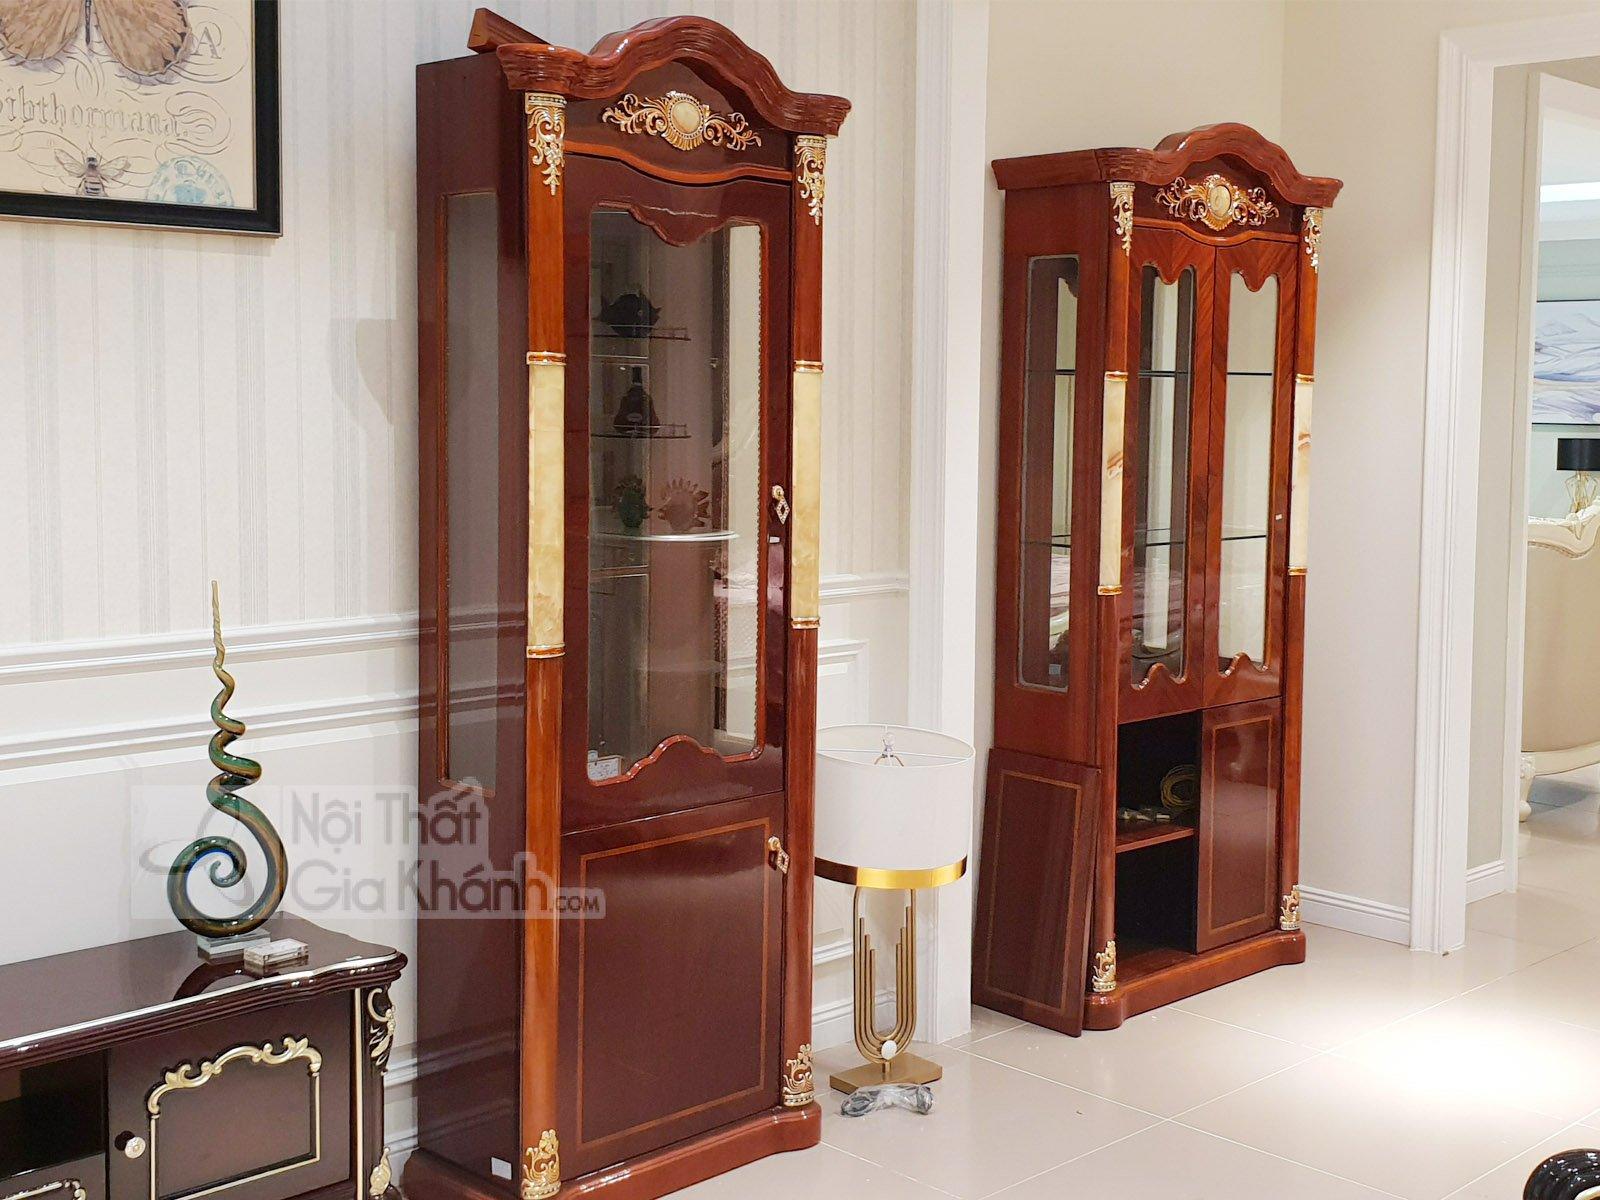 Tủ Rượu Gỗ Phòng Khách Đẹp Kh516Tr1-2